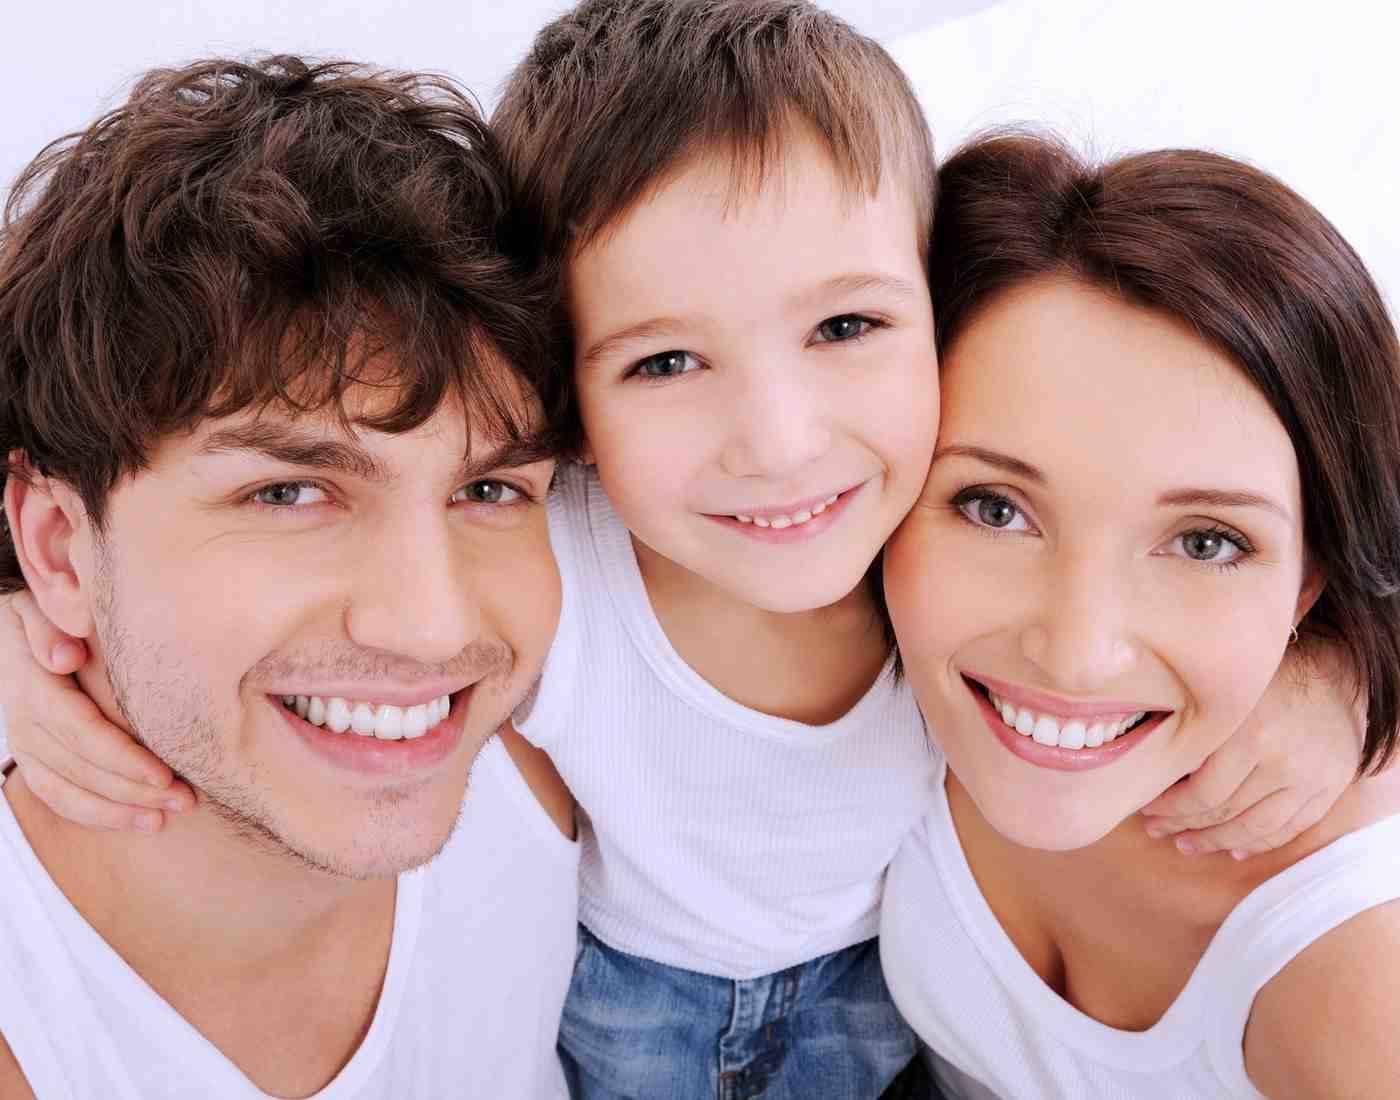 семья зубы картинка мнение народа